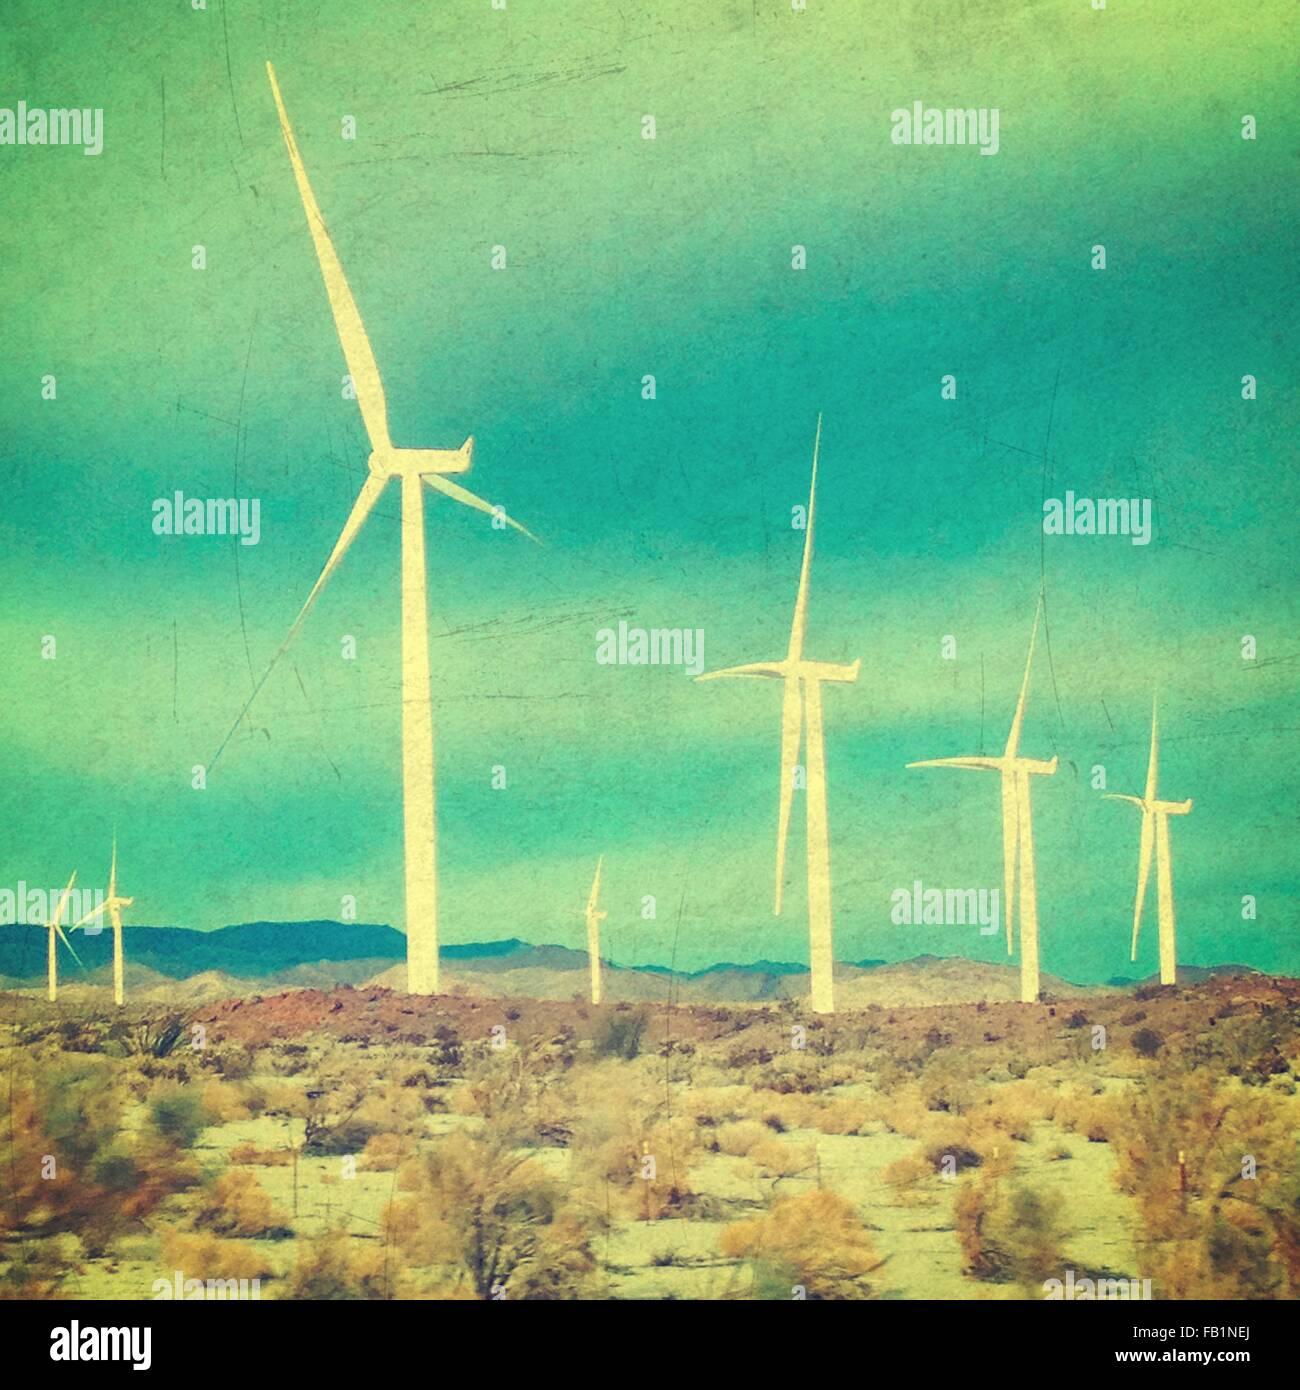 Les moulins à vent dans le désert Photo Stock